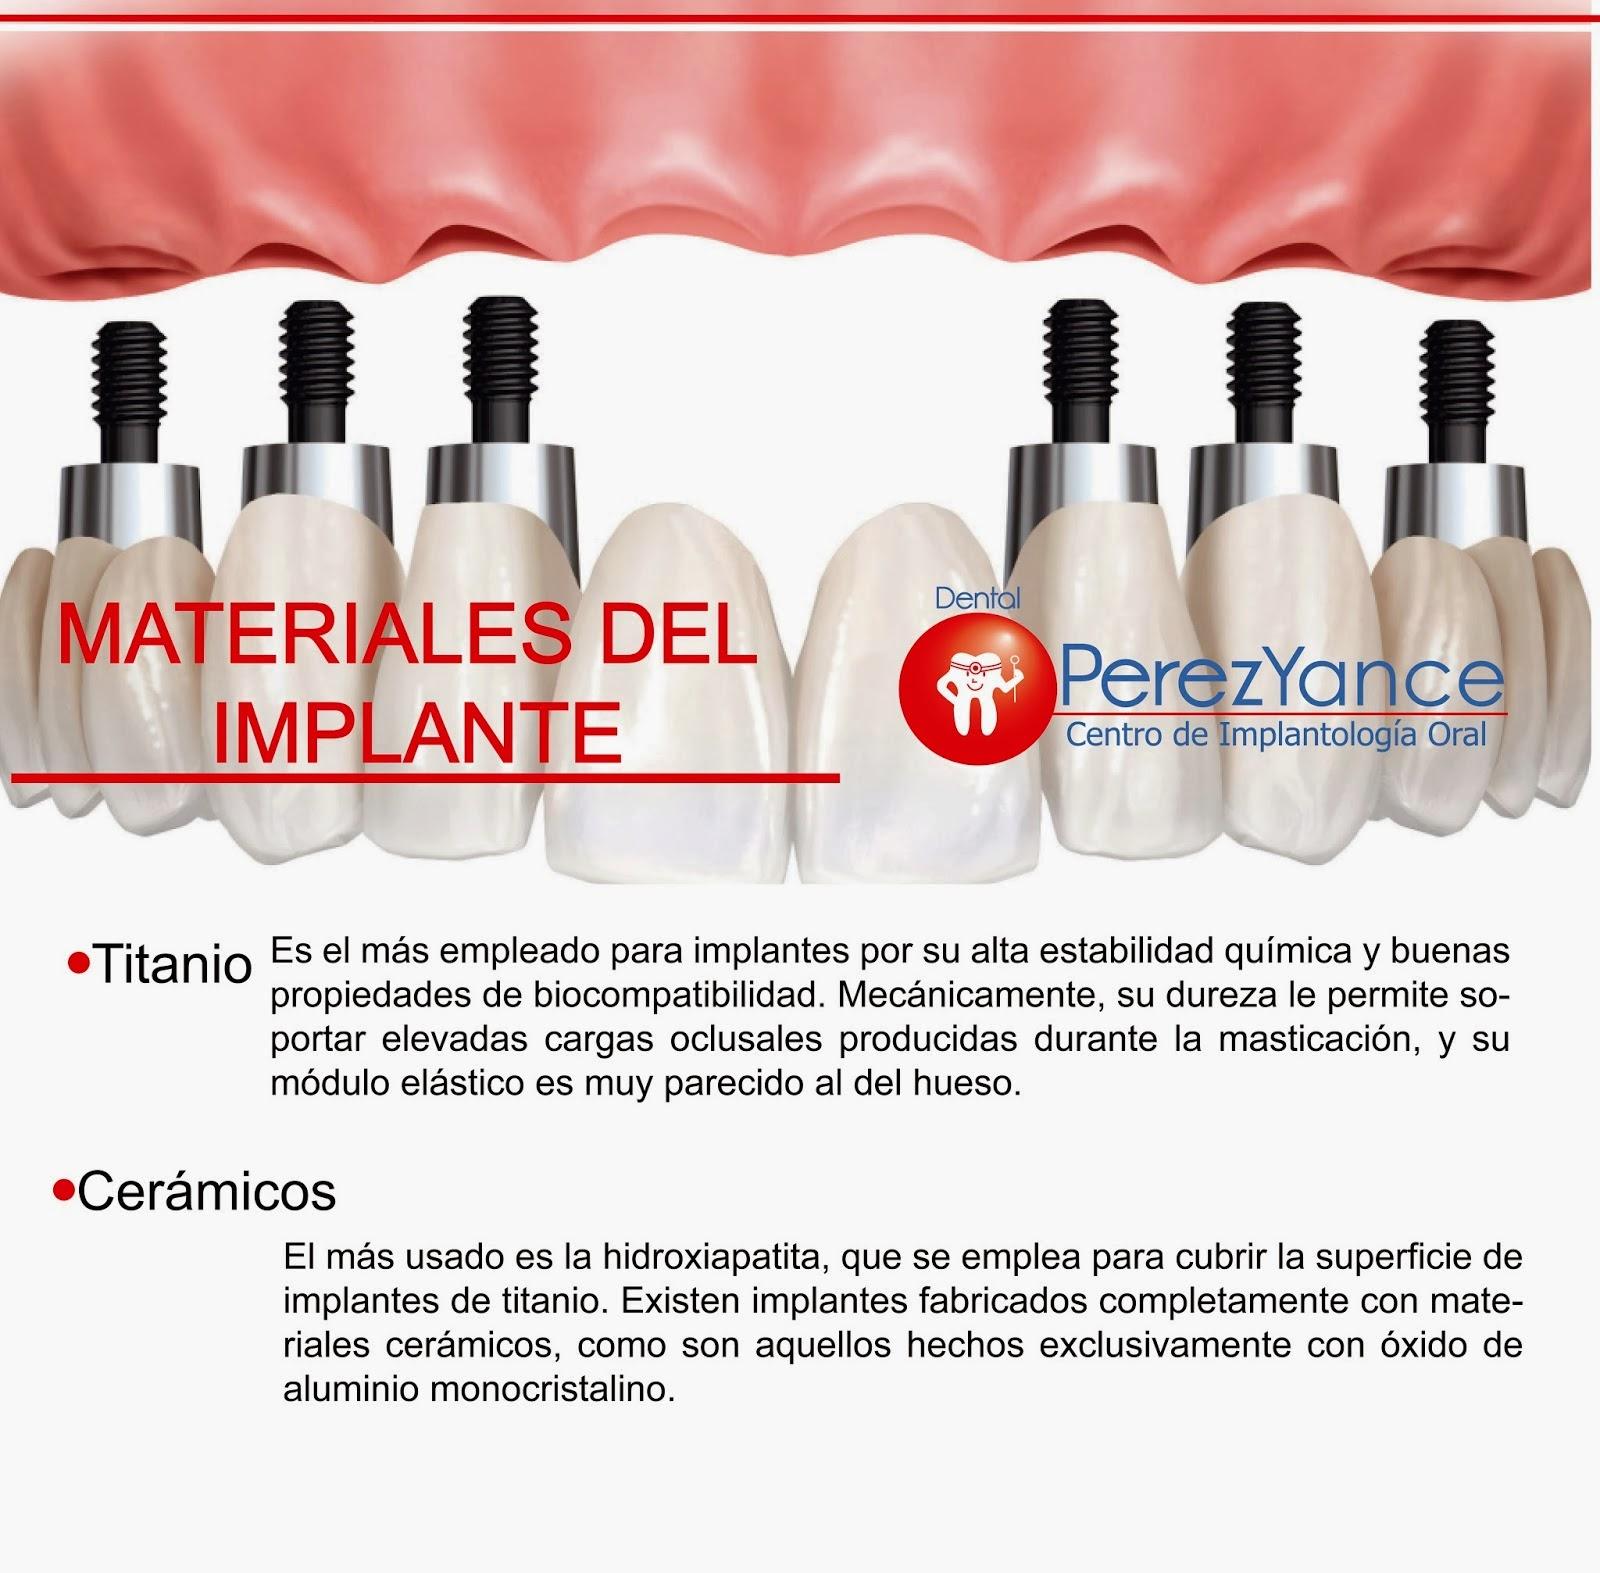 Implantes Dentales Peru